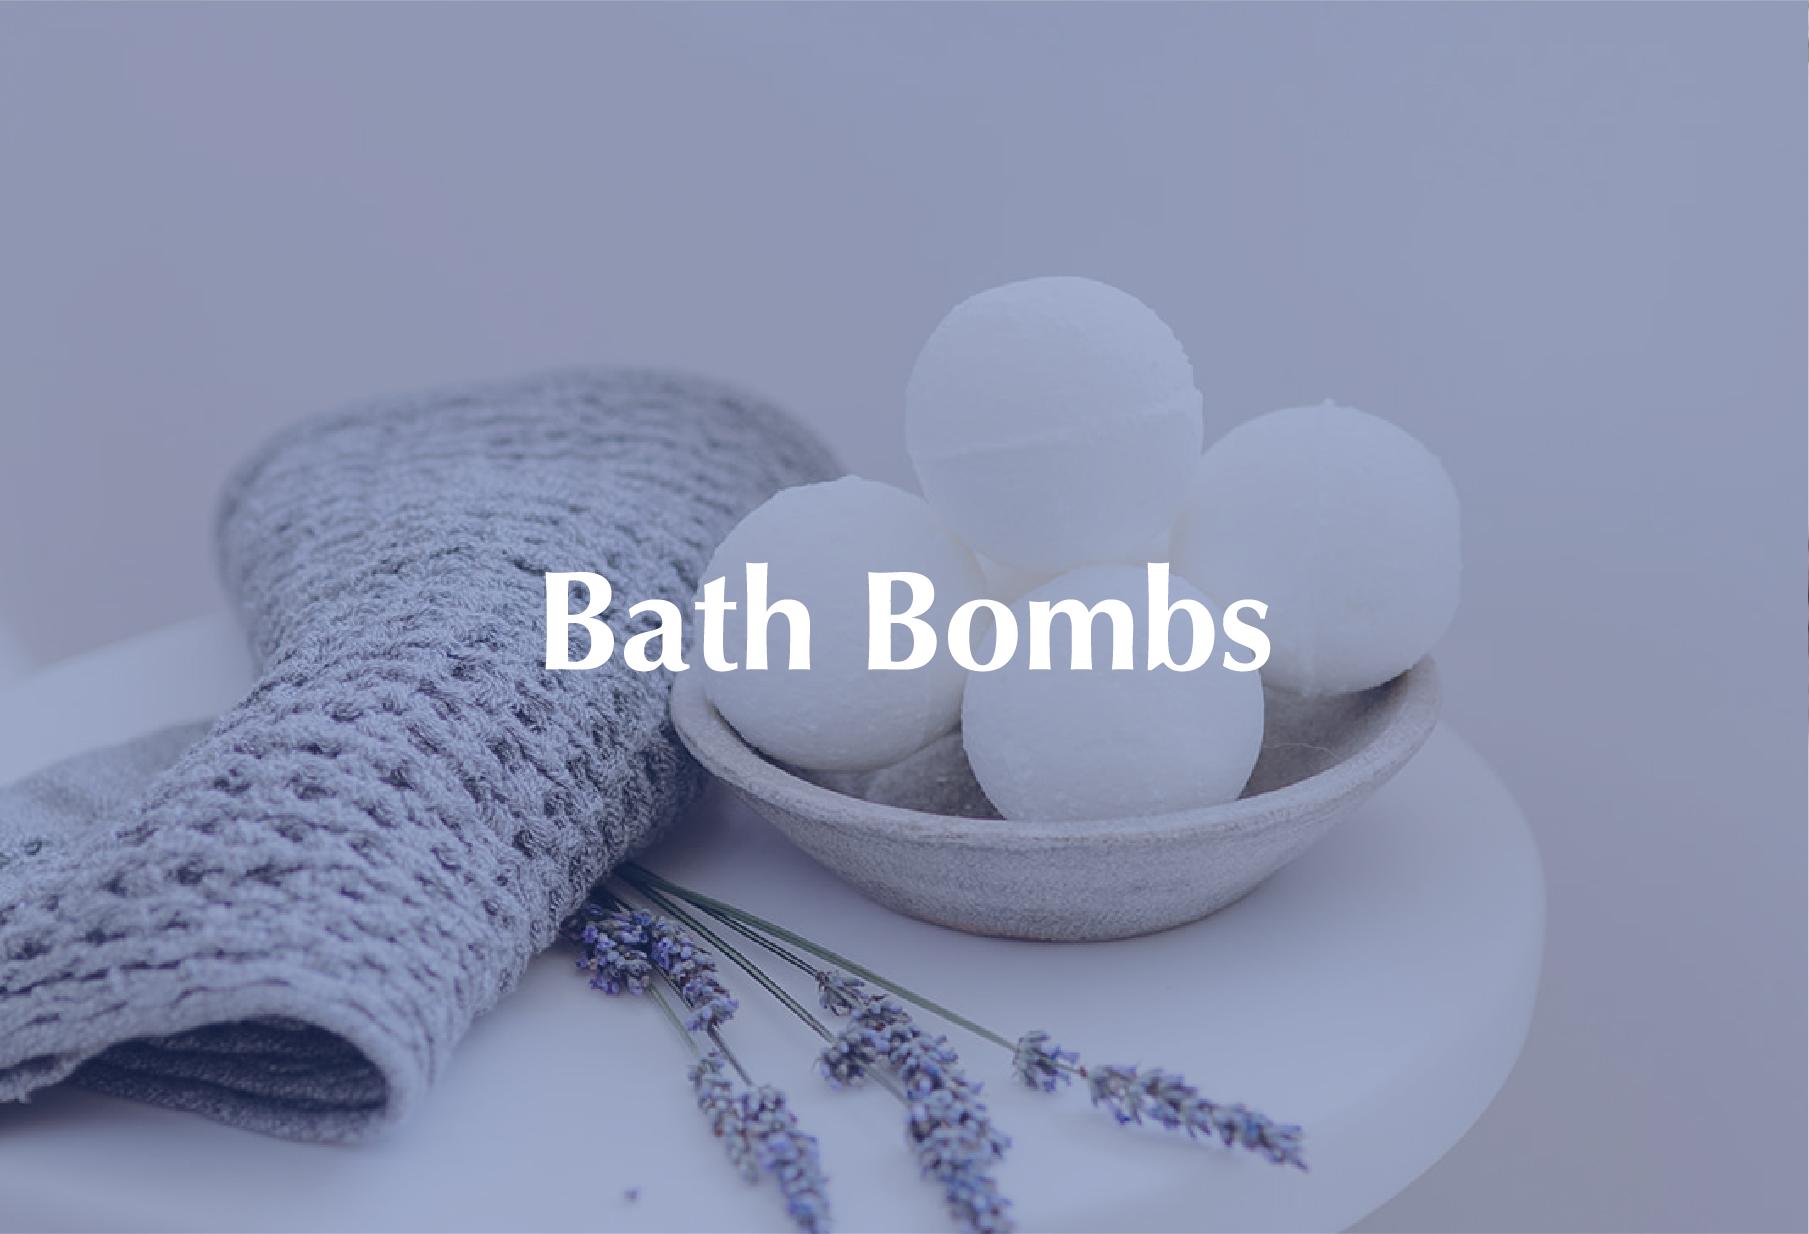 CG_Buttons_lighter_bathbombs.jpg